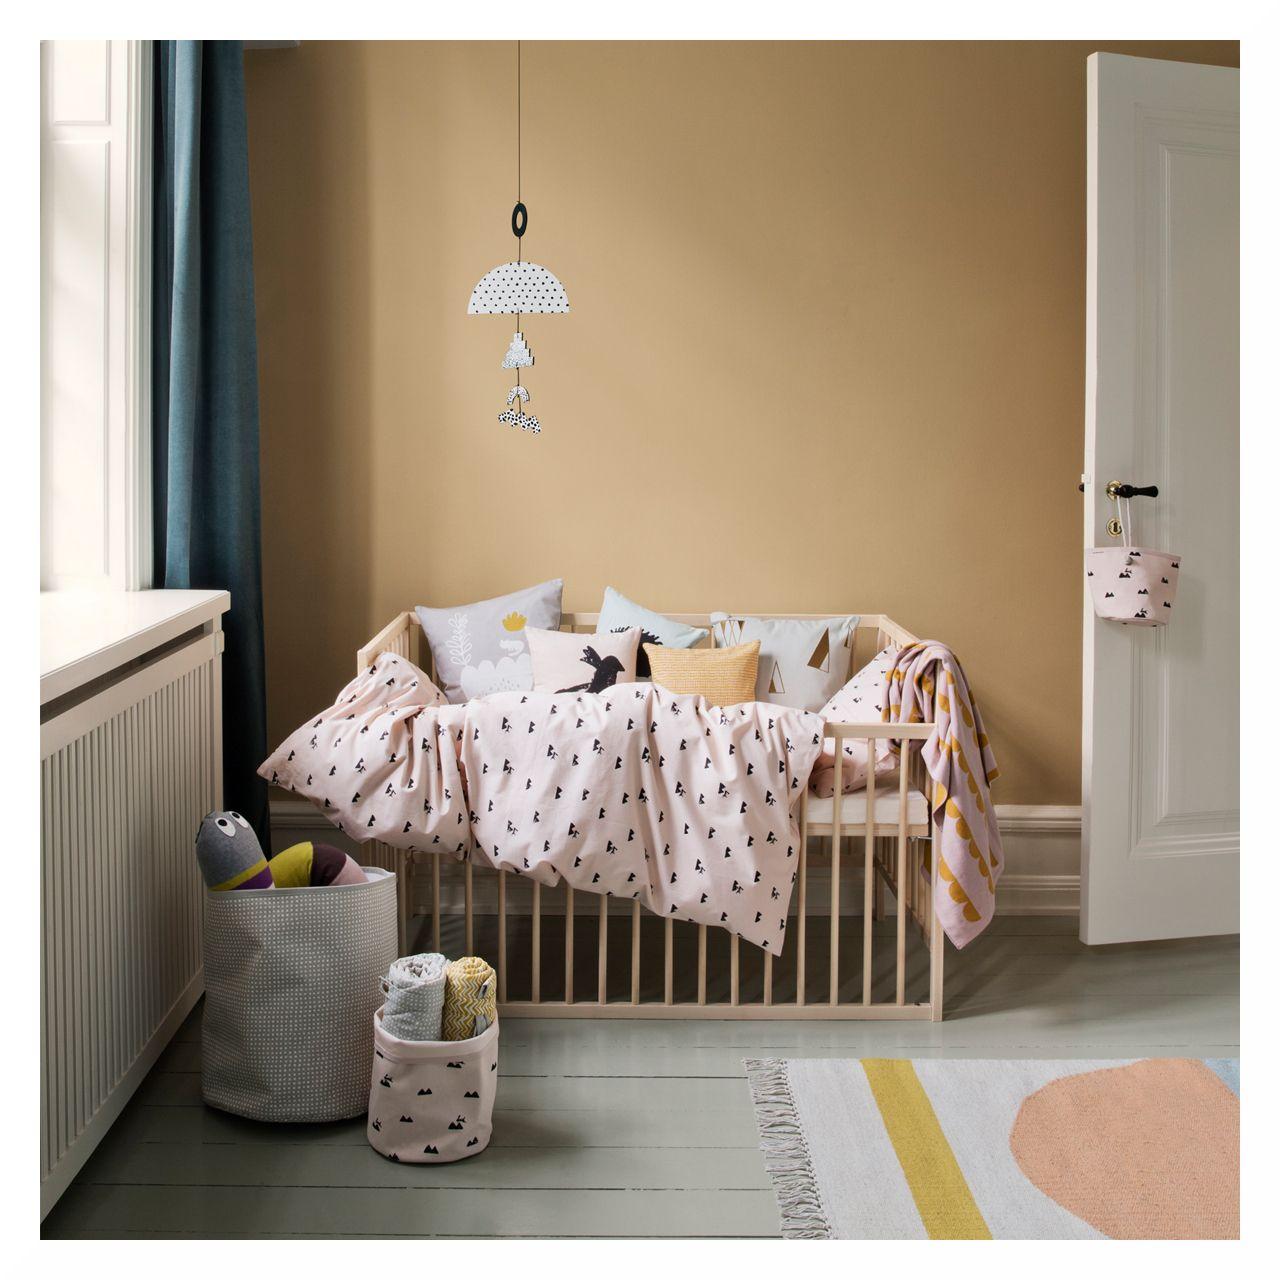 Vorher Aber Noch Unser Nachhaltiges Produkt Der Woche: Die Rabbit Bettwäsche  Kids Von Ferm Living, Die Zu 100% Aus Bio Baumwolle Besteht.